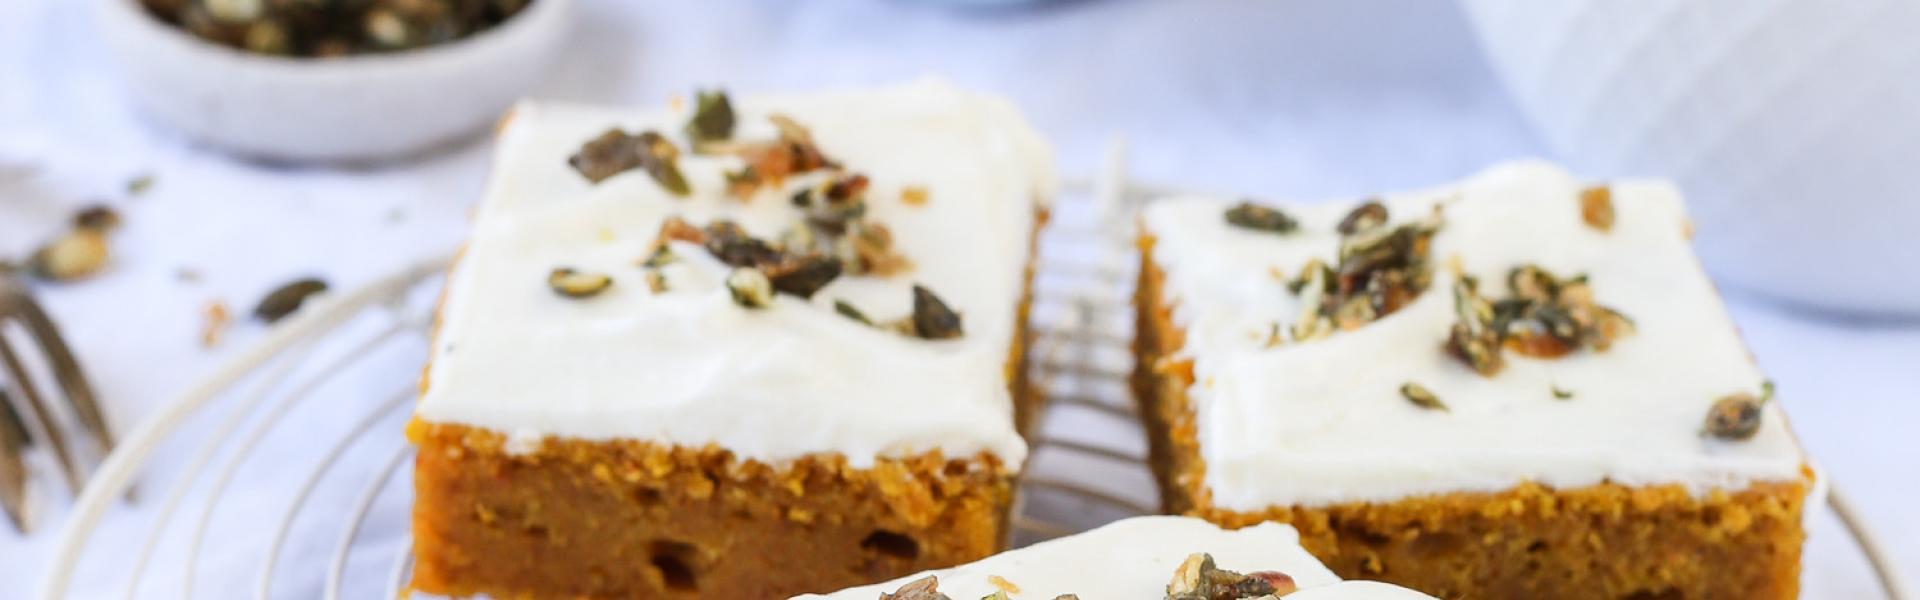 Mehrere Stücke Kürbiskuchen vom Blech mit Frosting auf einem Kuchengitter.